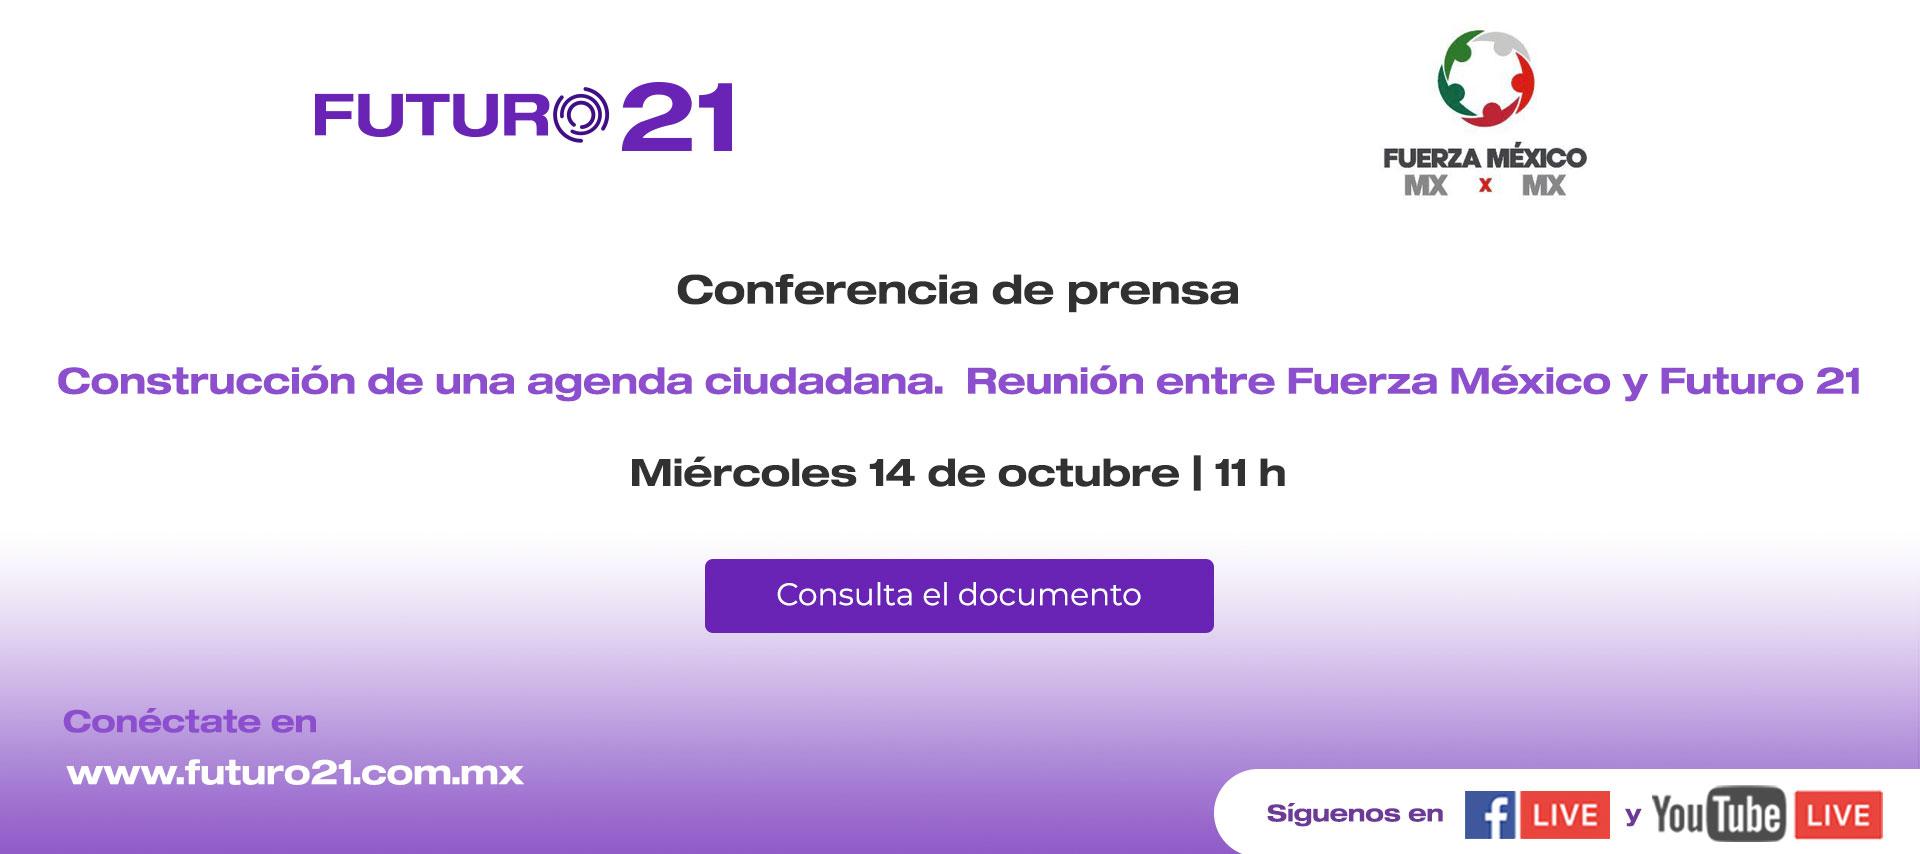 Declaración Futuro 21 y Fuerza México